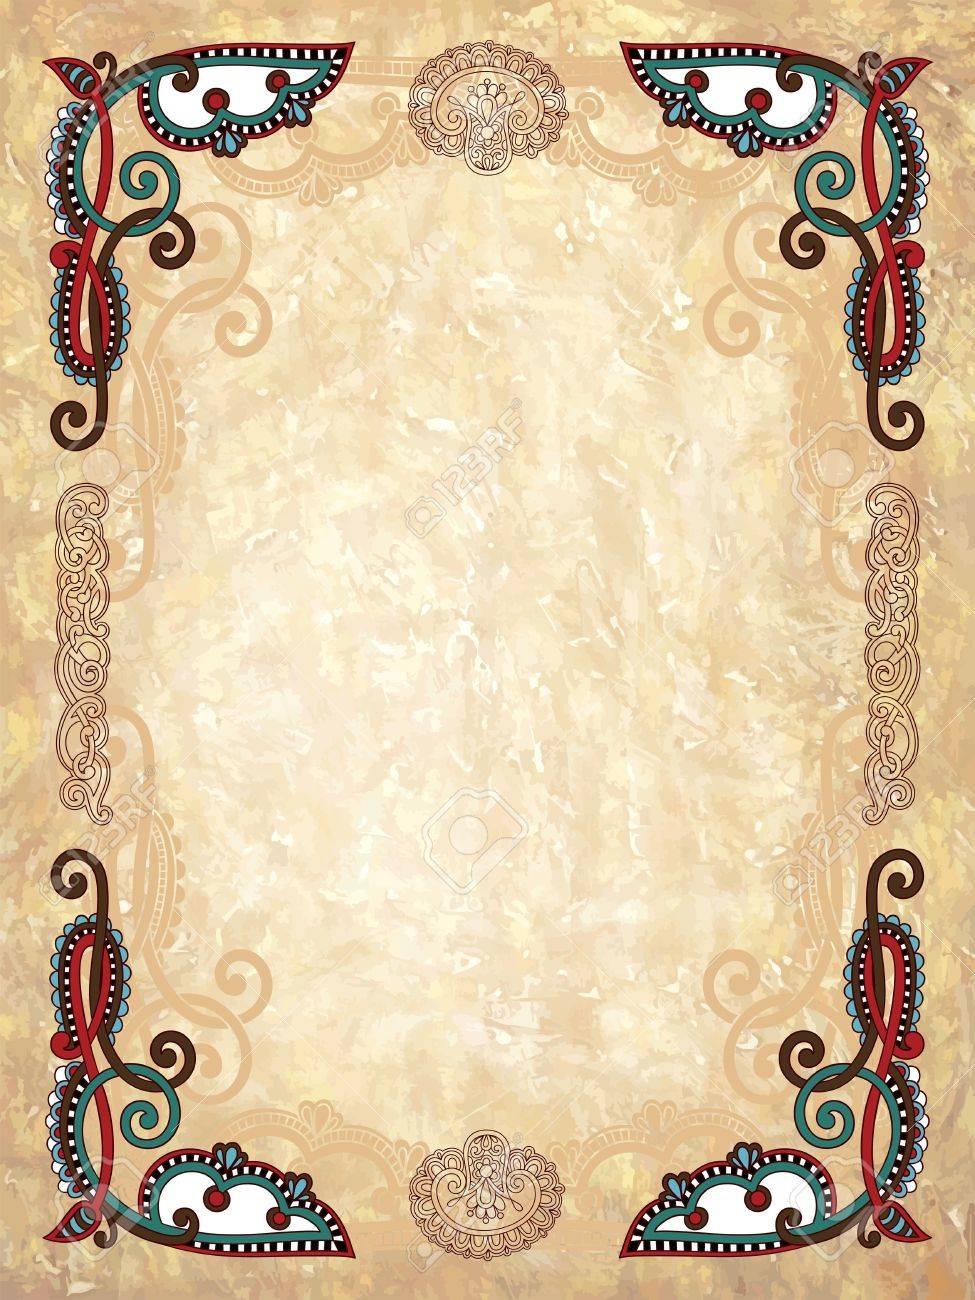 Vintage frame in grunge background Stock Vector - 11189432